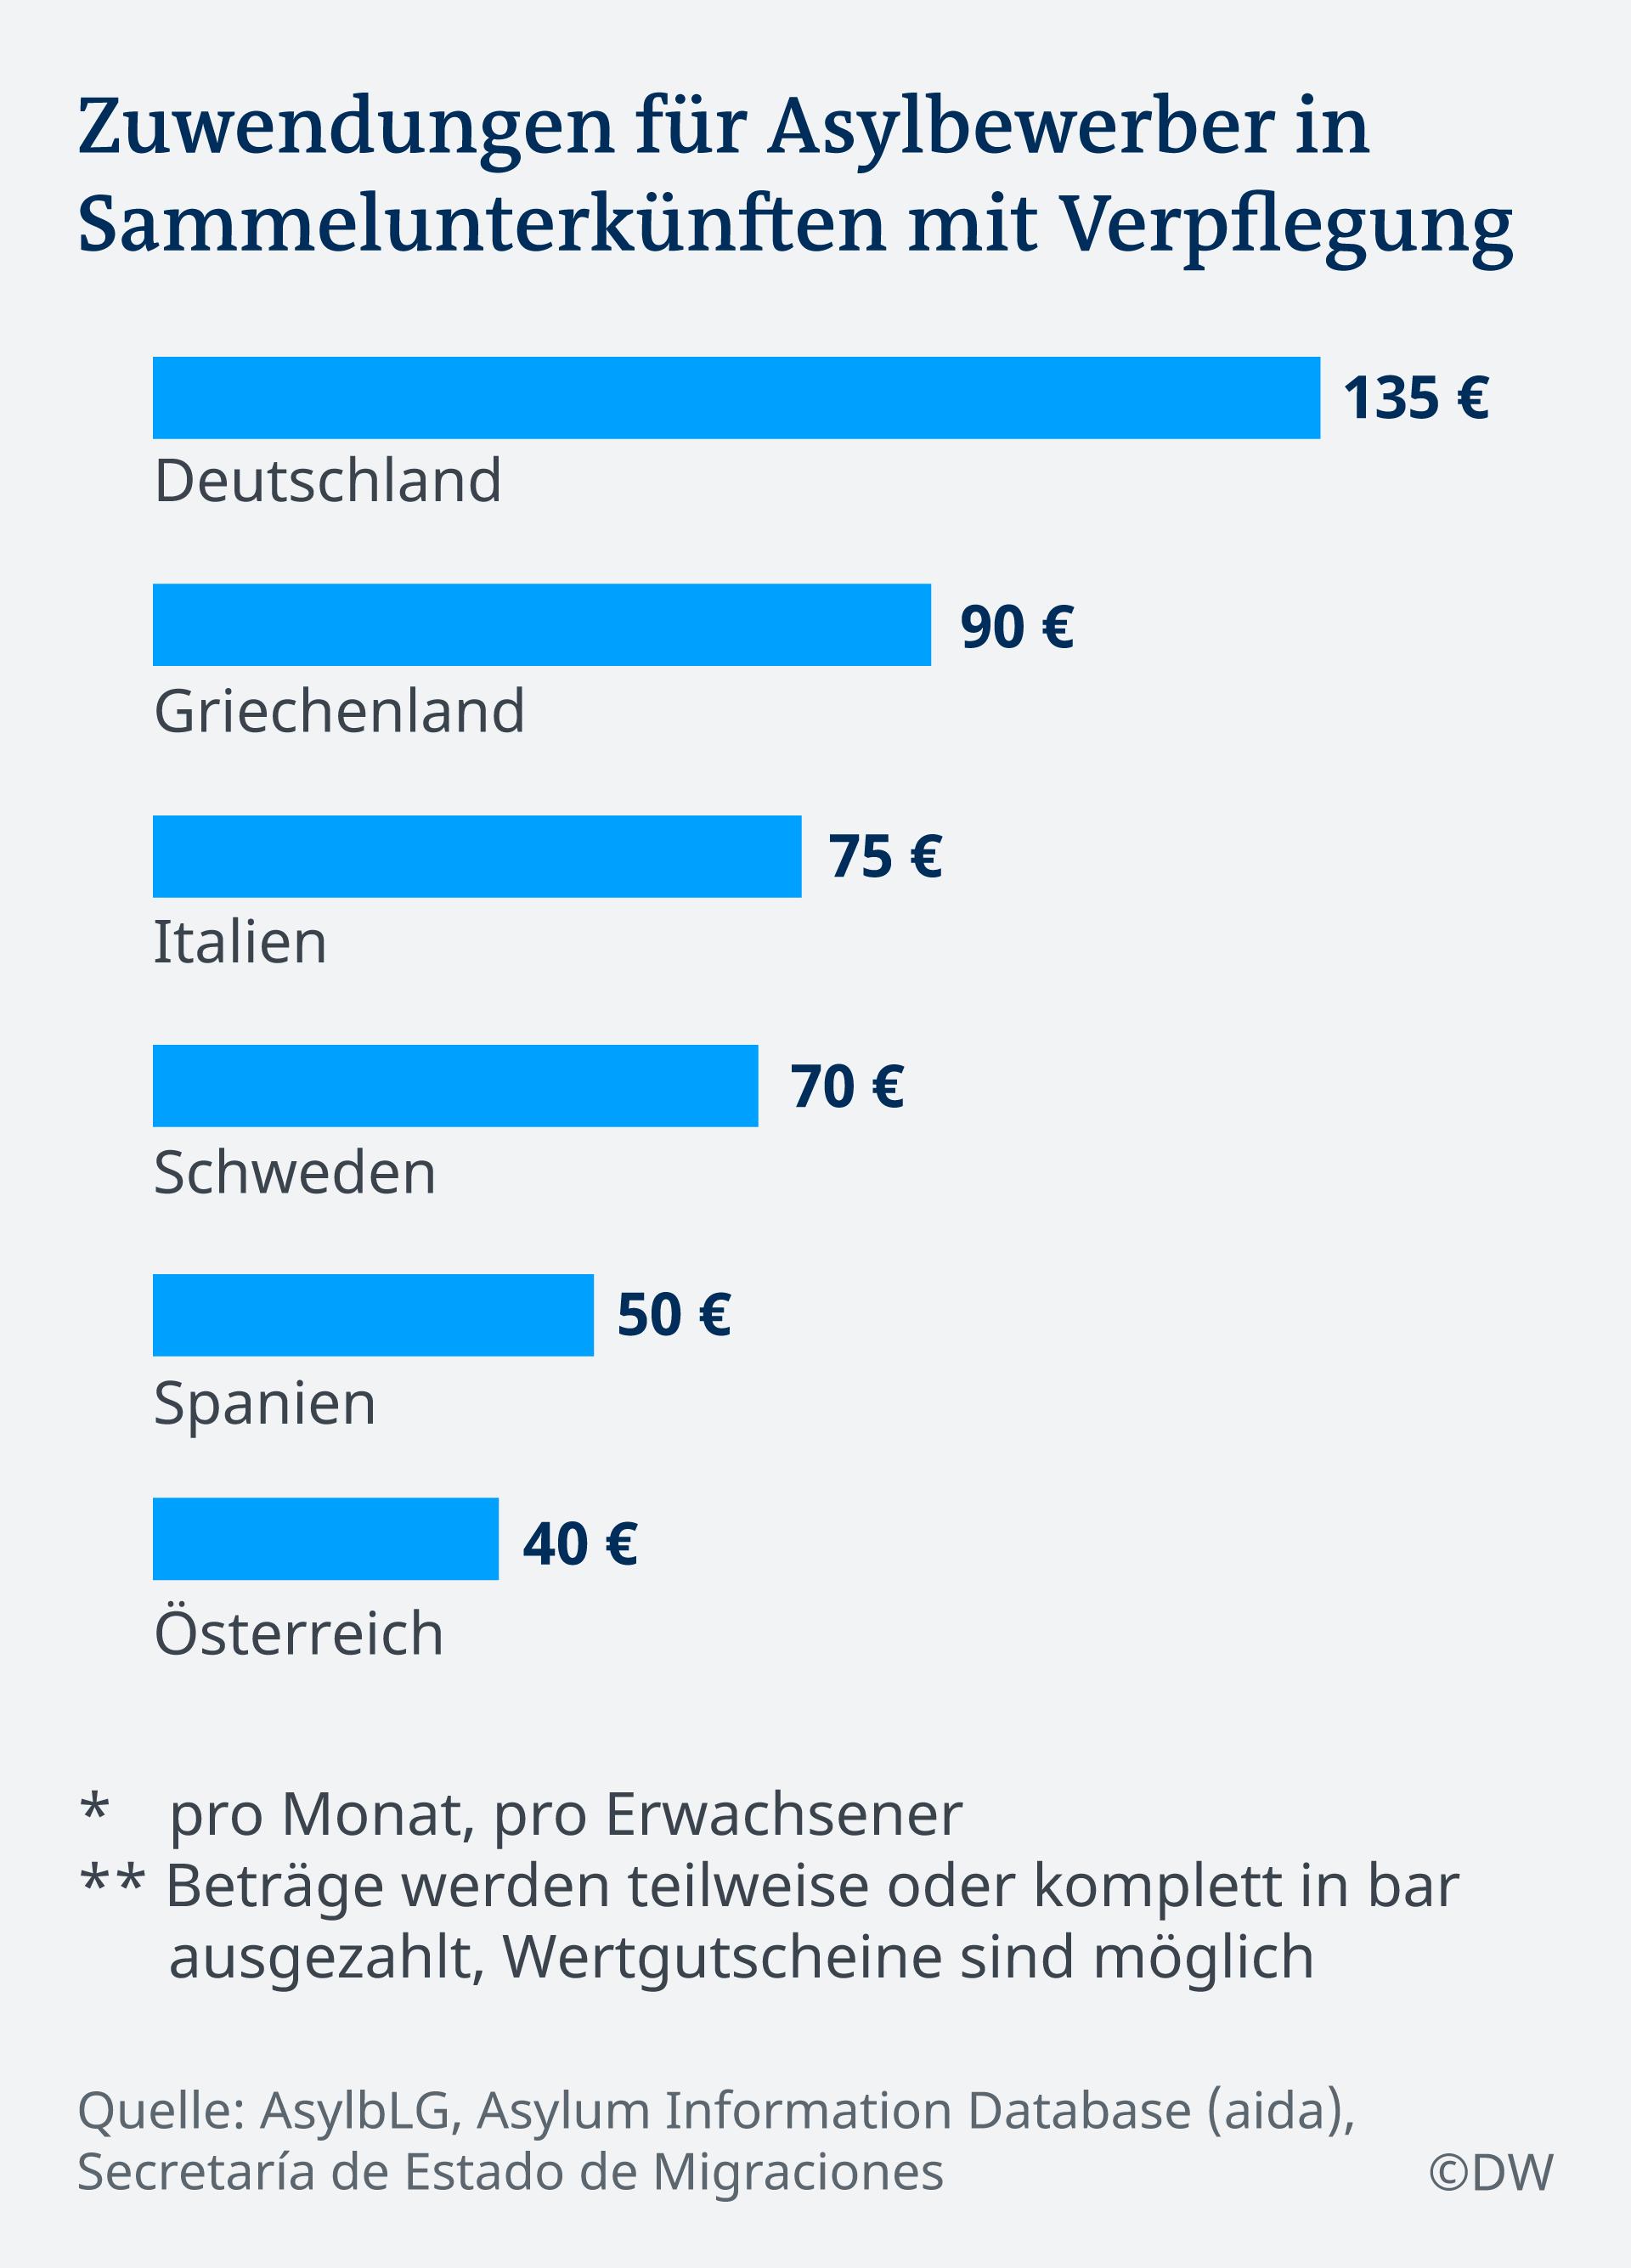 Infografik Zuwendungen für Asylbewerber in EU-Ländern